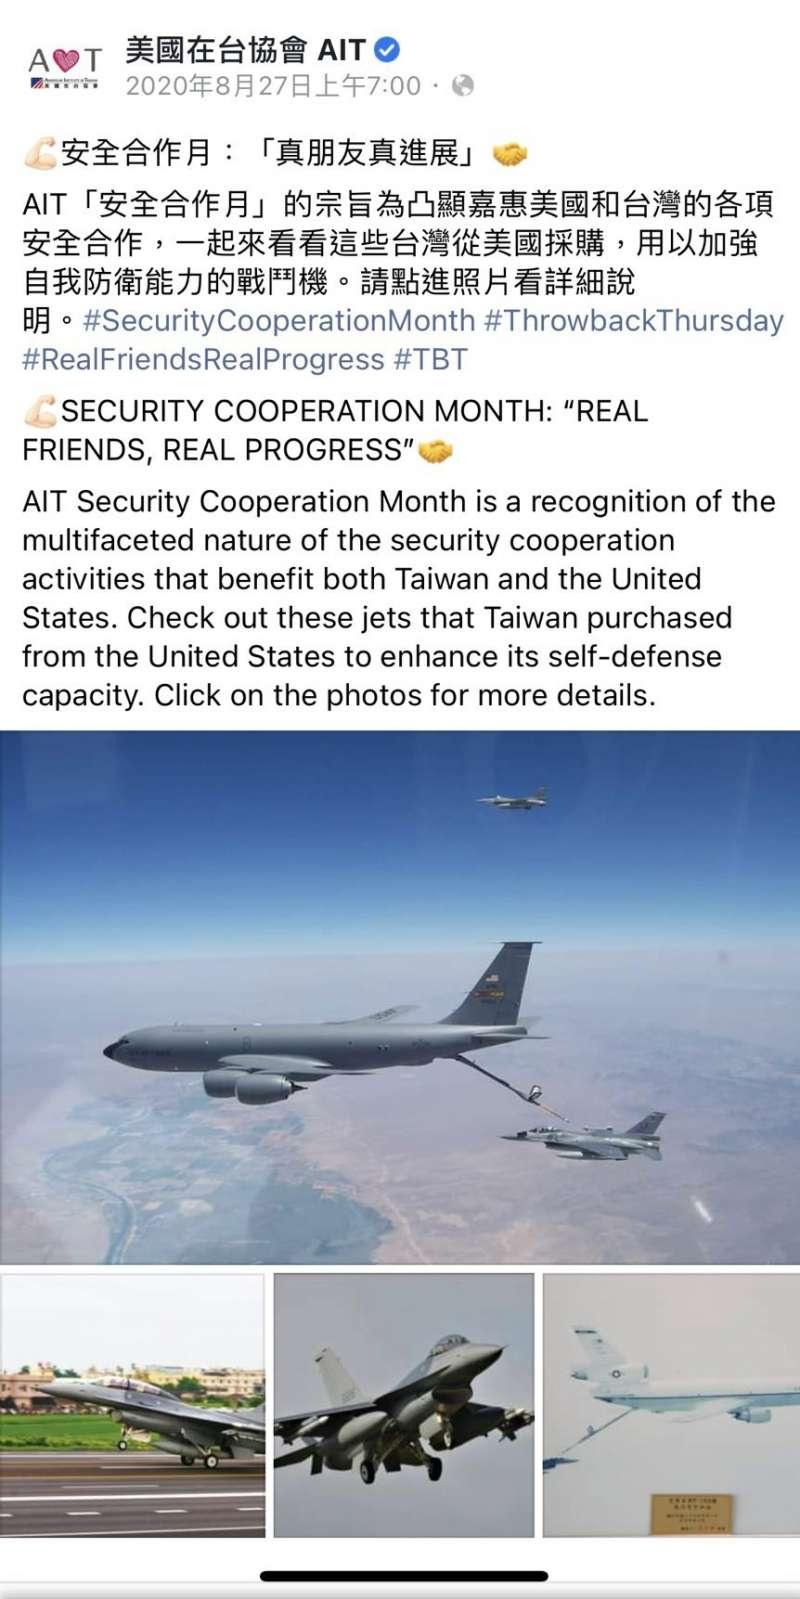 20210529-2020年8月,美國在台協會在臉書以安全合作月:「真朋友真進展」為題,發布一系列我對美採購F-16照片。(取自AIT臉書)